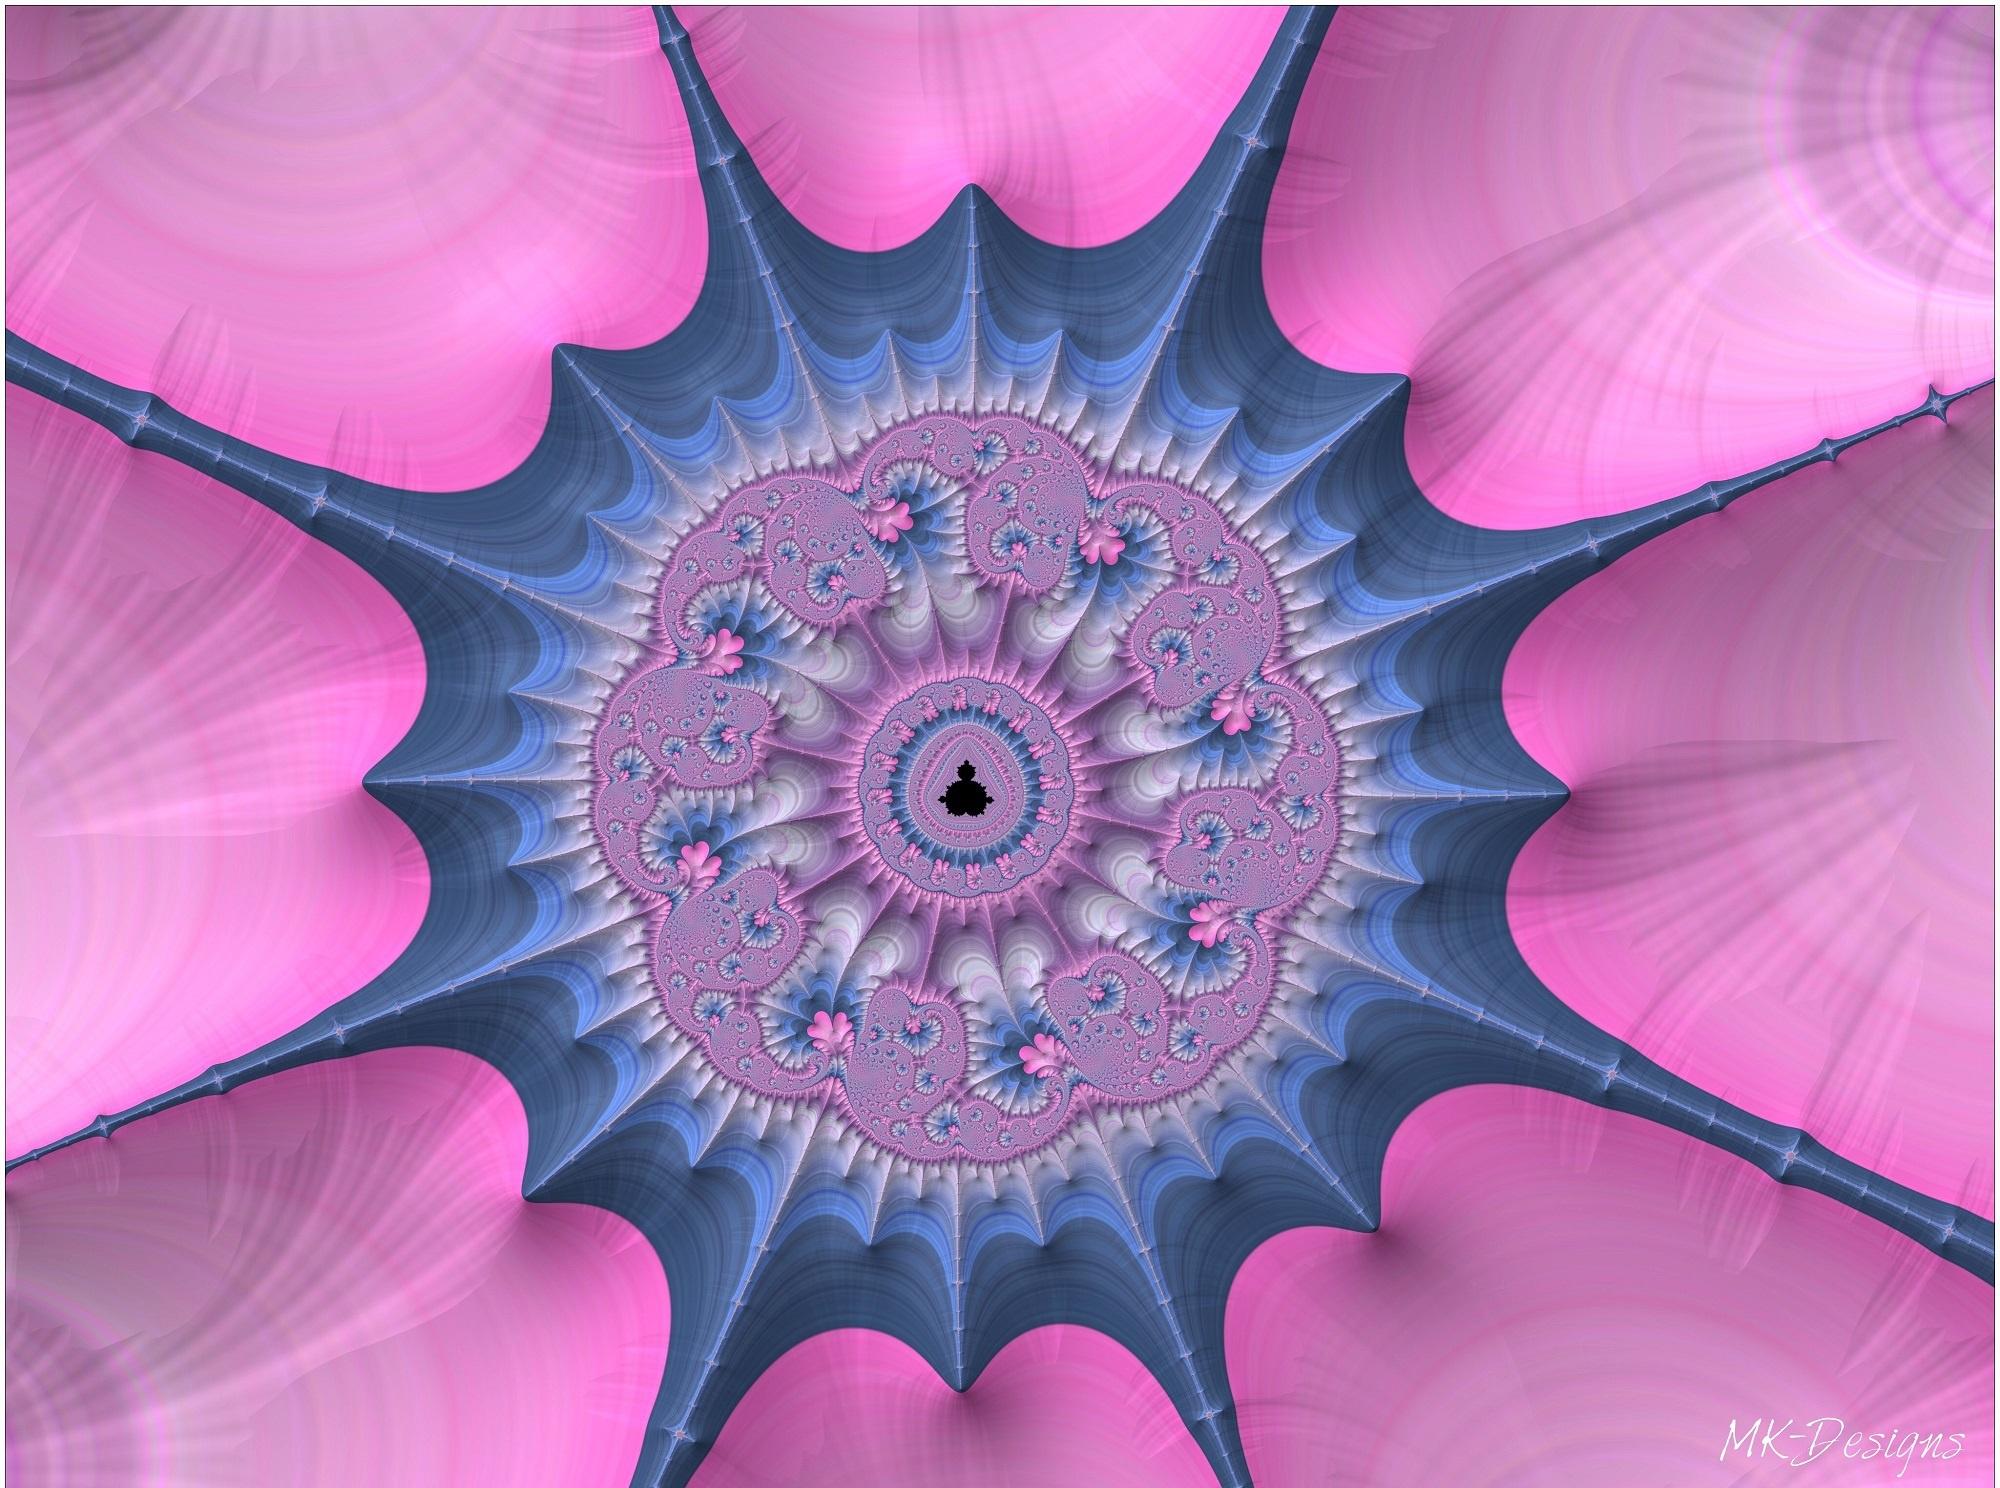 Artistic Digital Art Pink Pattern 2000x1488